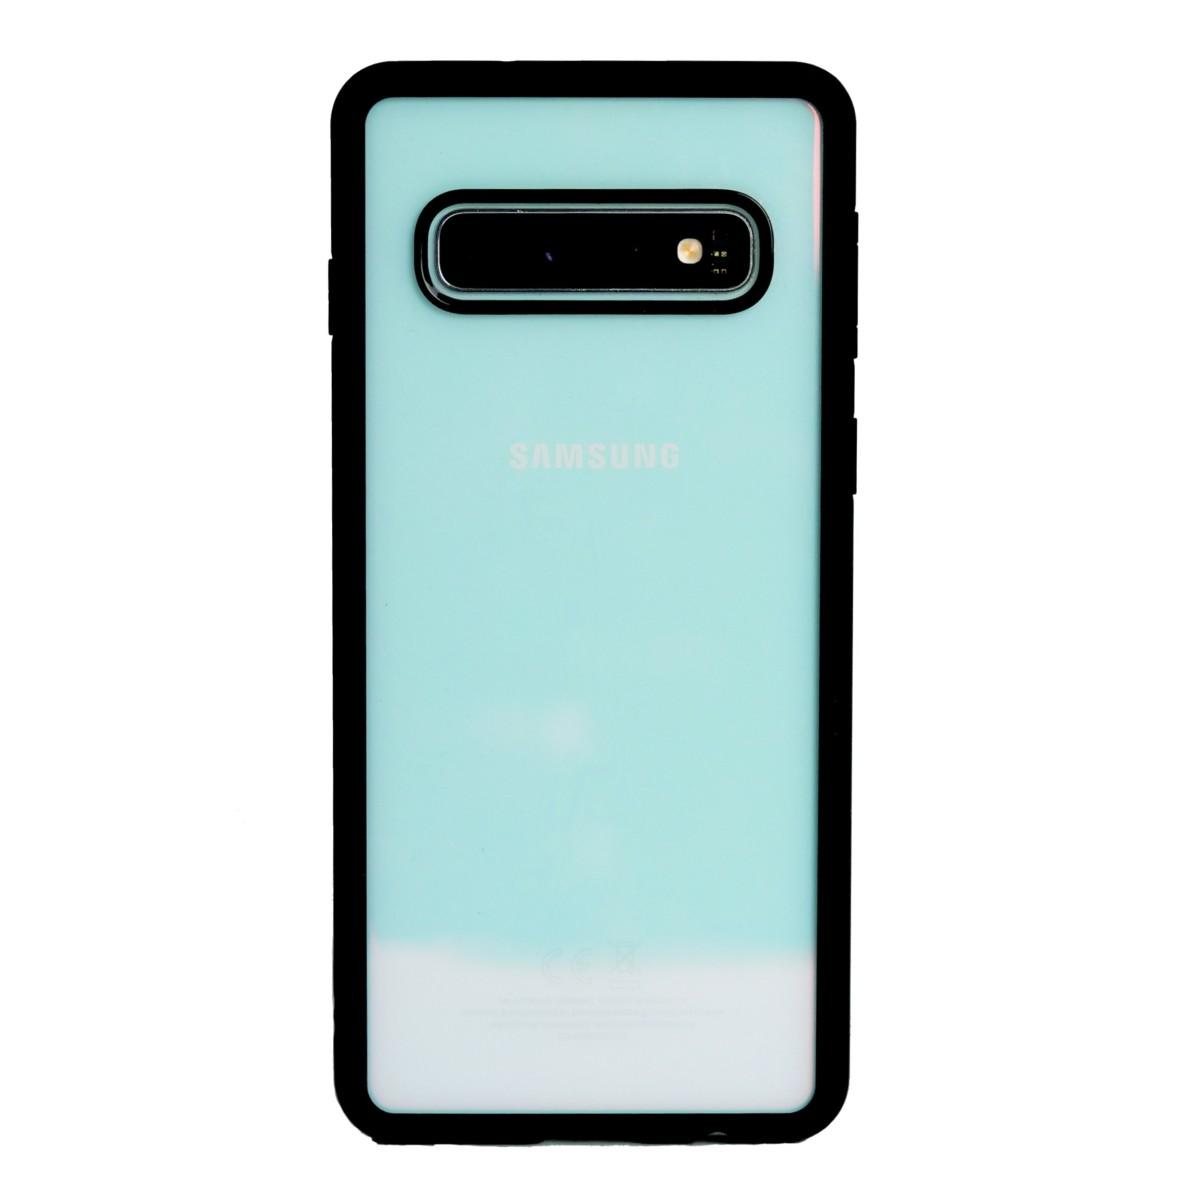 Coque transparente Joyguard pour smartphone Galaxy S10